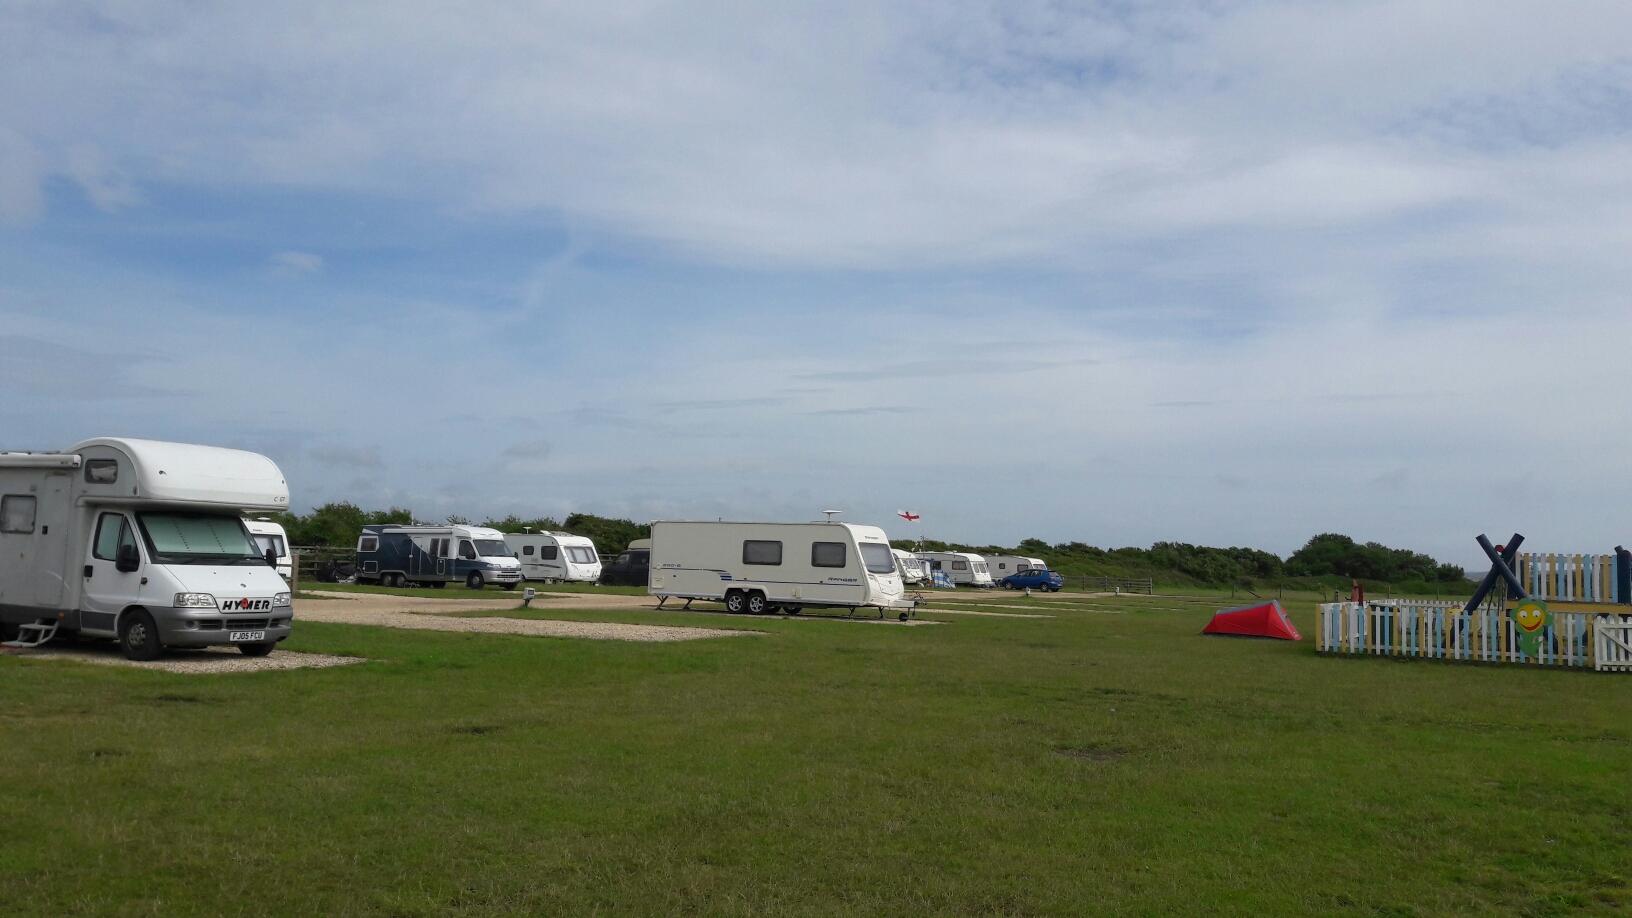 Zeltplatz bei Lymington 14.06.16,  der lag gleich an der Küste und ich konnte nach Isle of Wight schauen